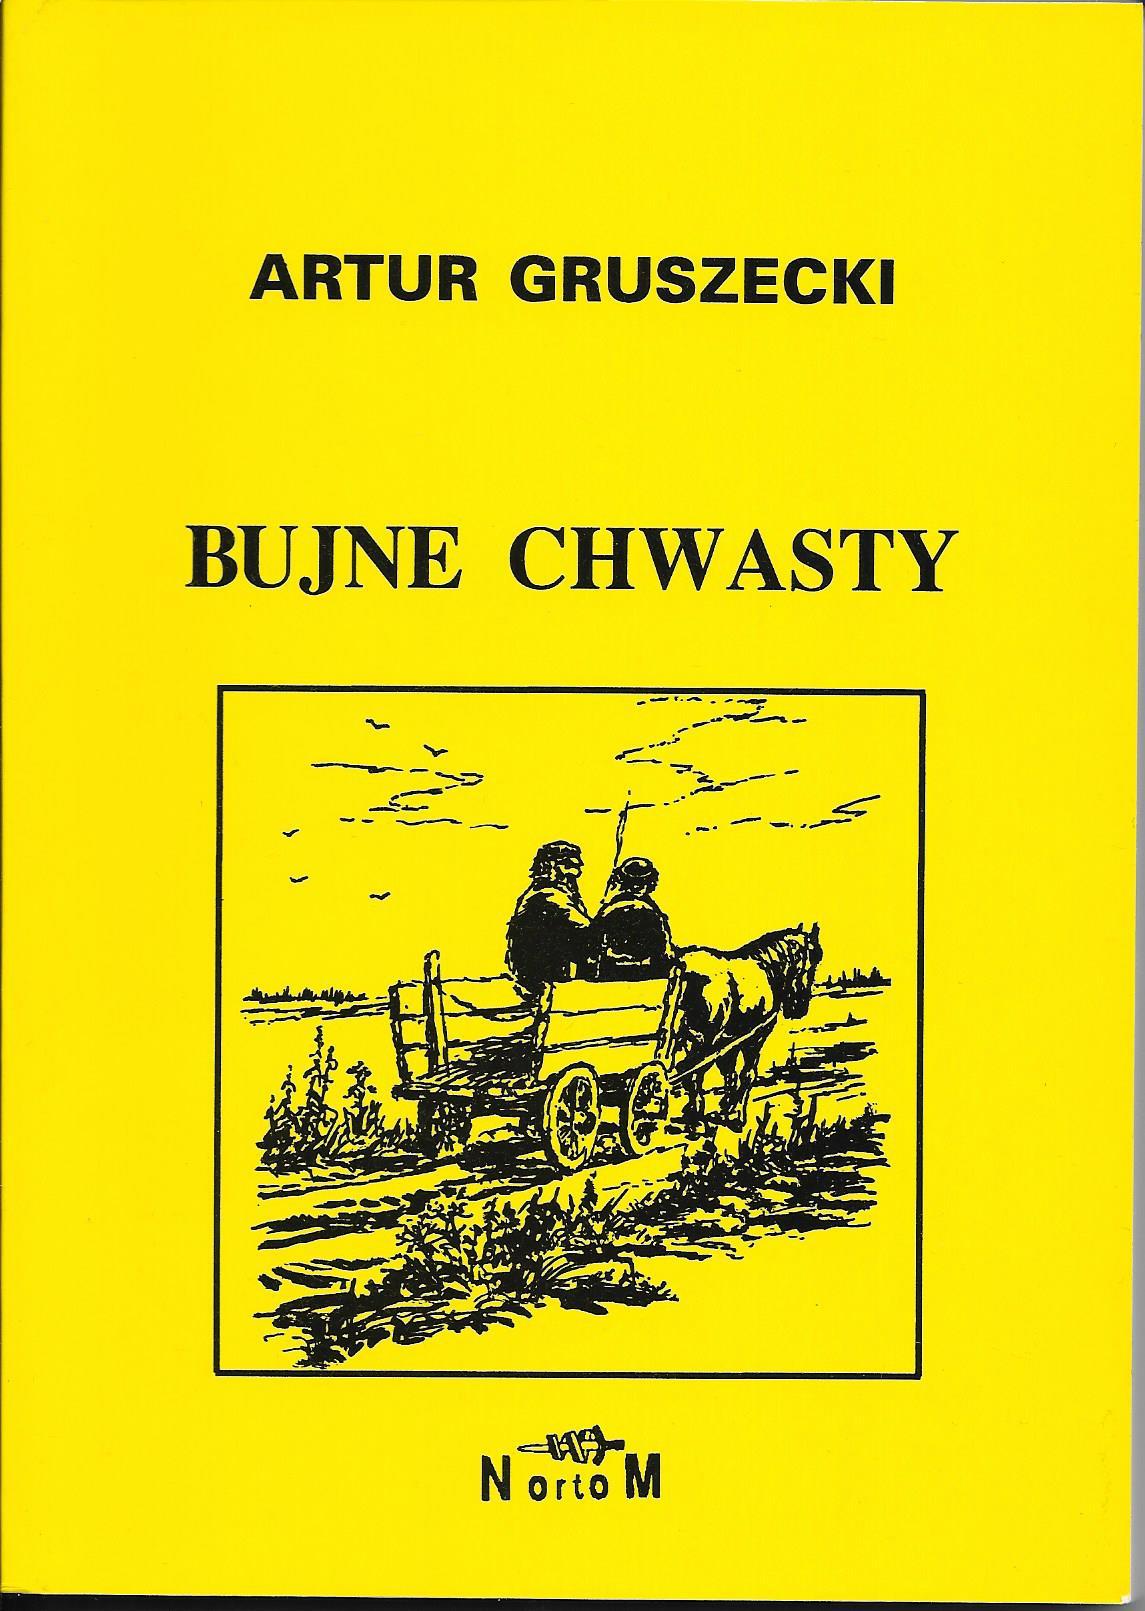 Bujne chwasty - Artur Gruszecki